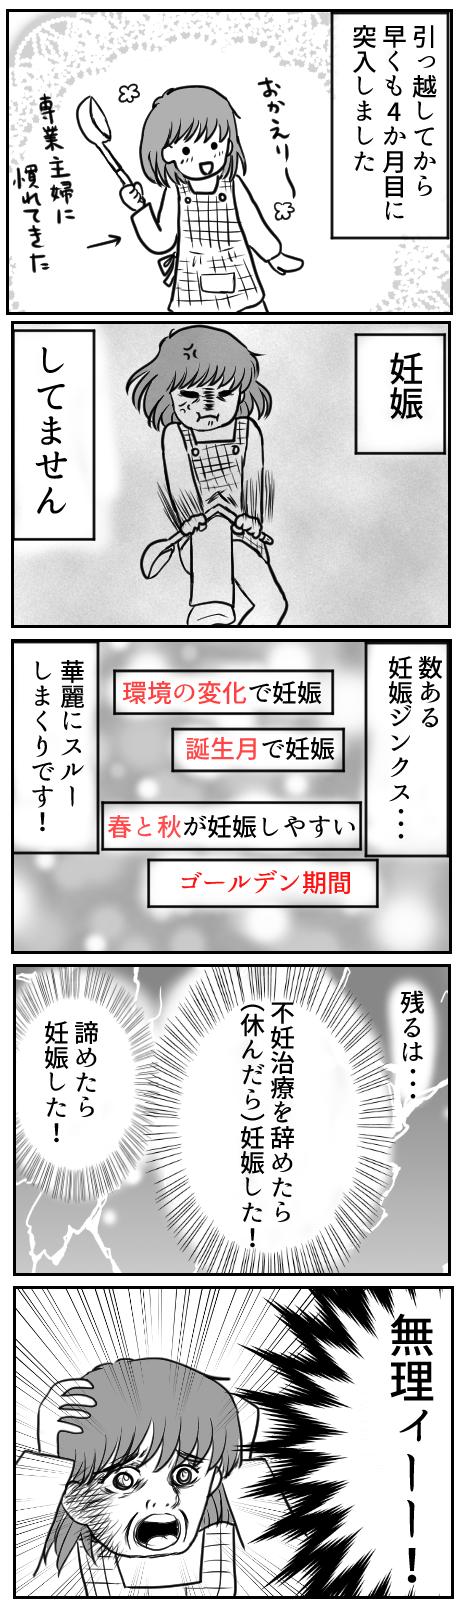 59話妊娠ジンクス